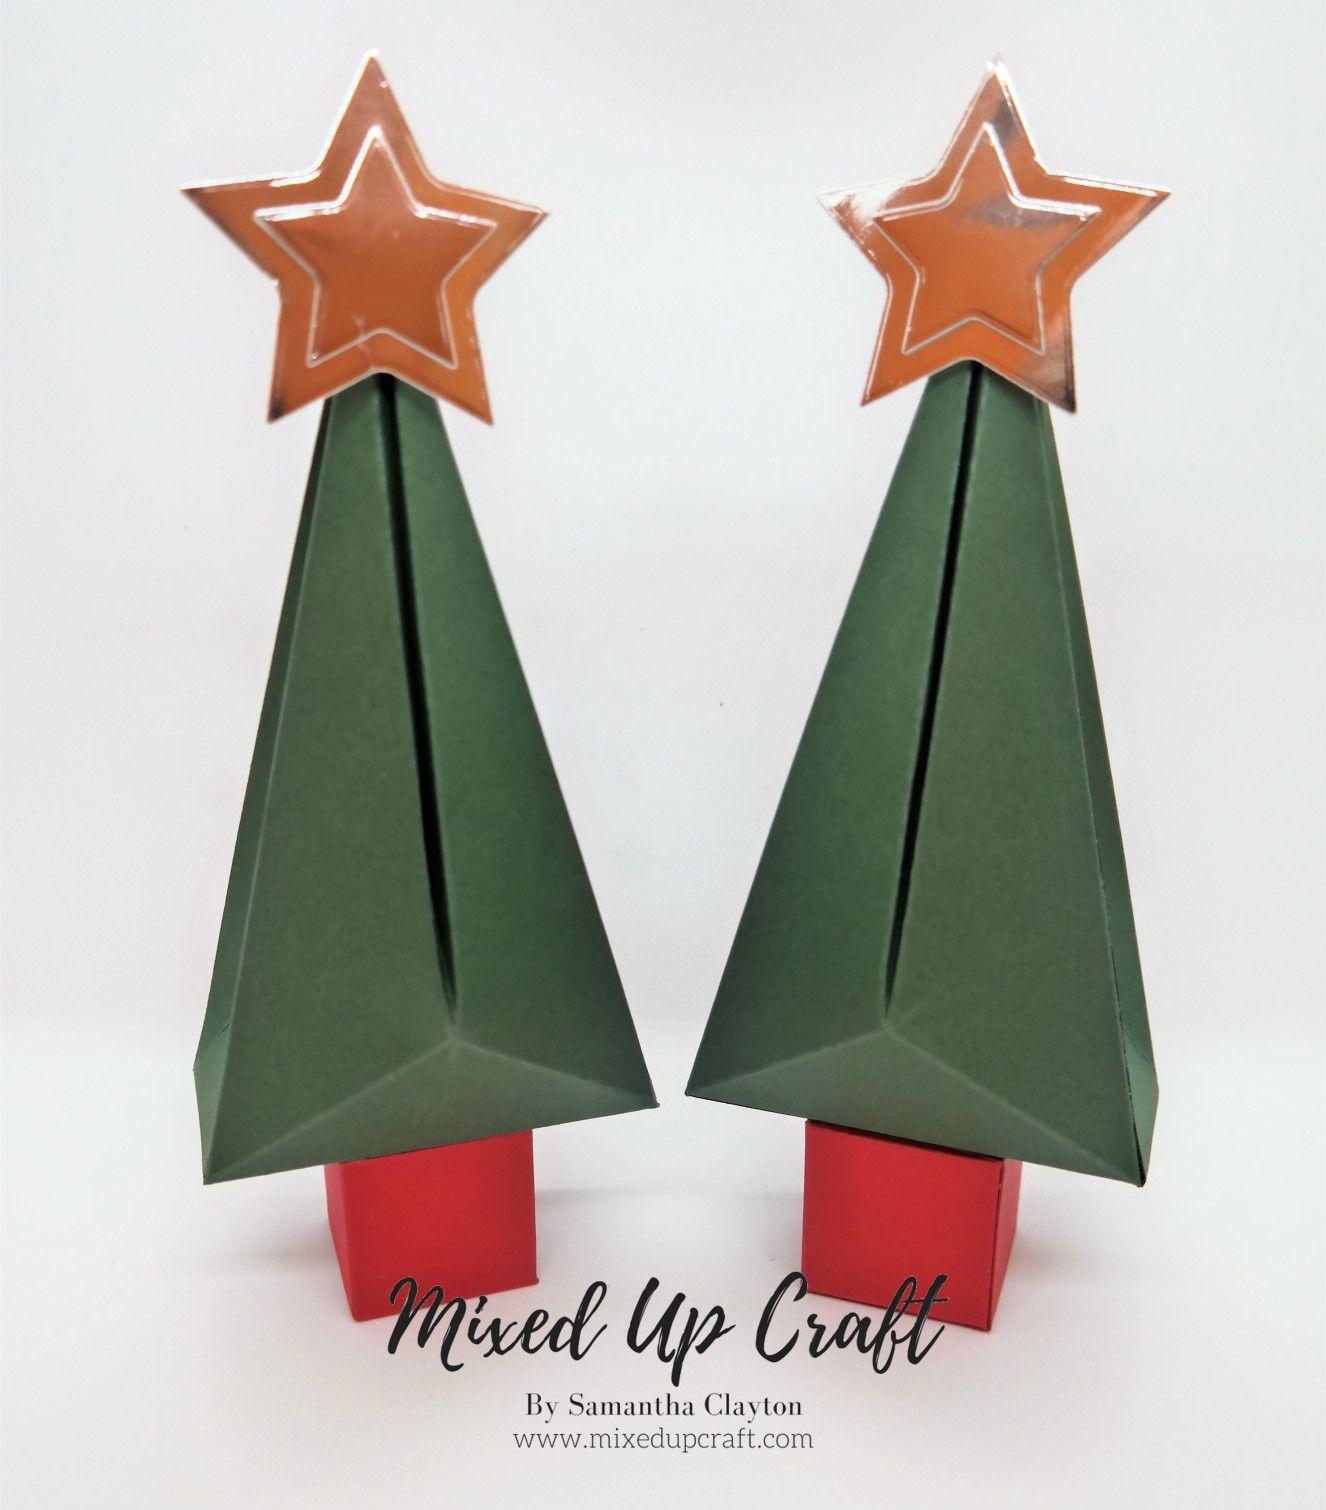 Christmas Tree Shaped Gift Boxes Christmas Tree With Gifts Gift Box Template Christmas Gift Box